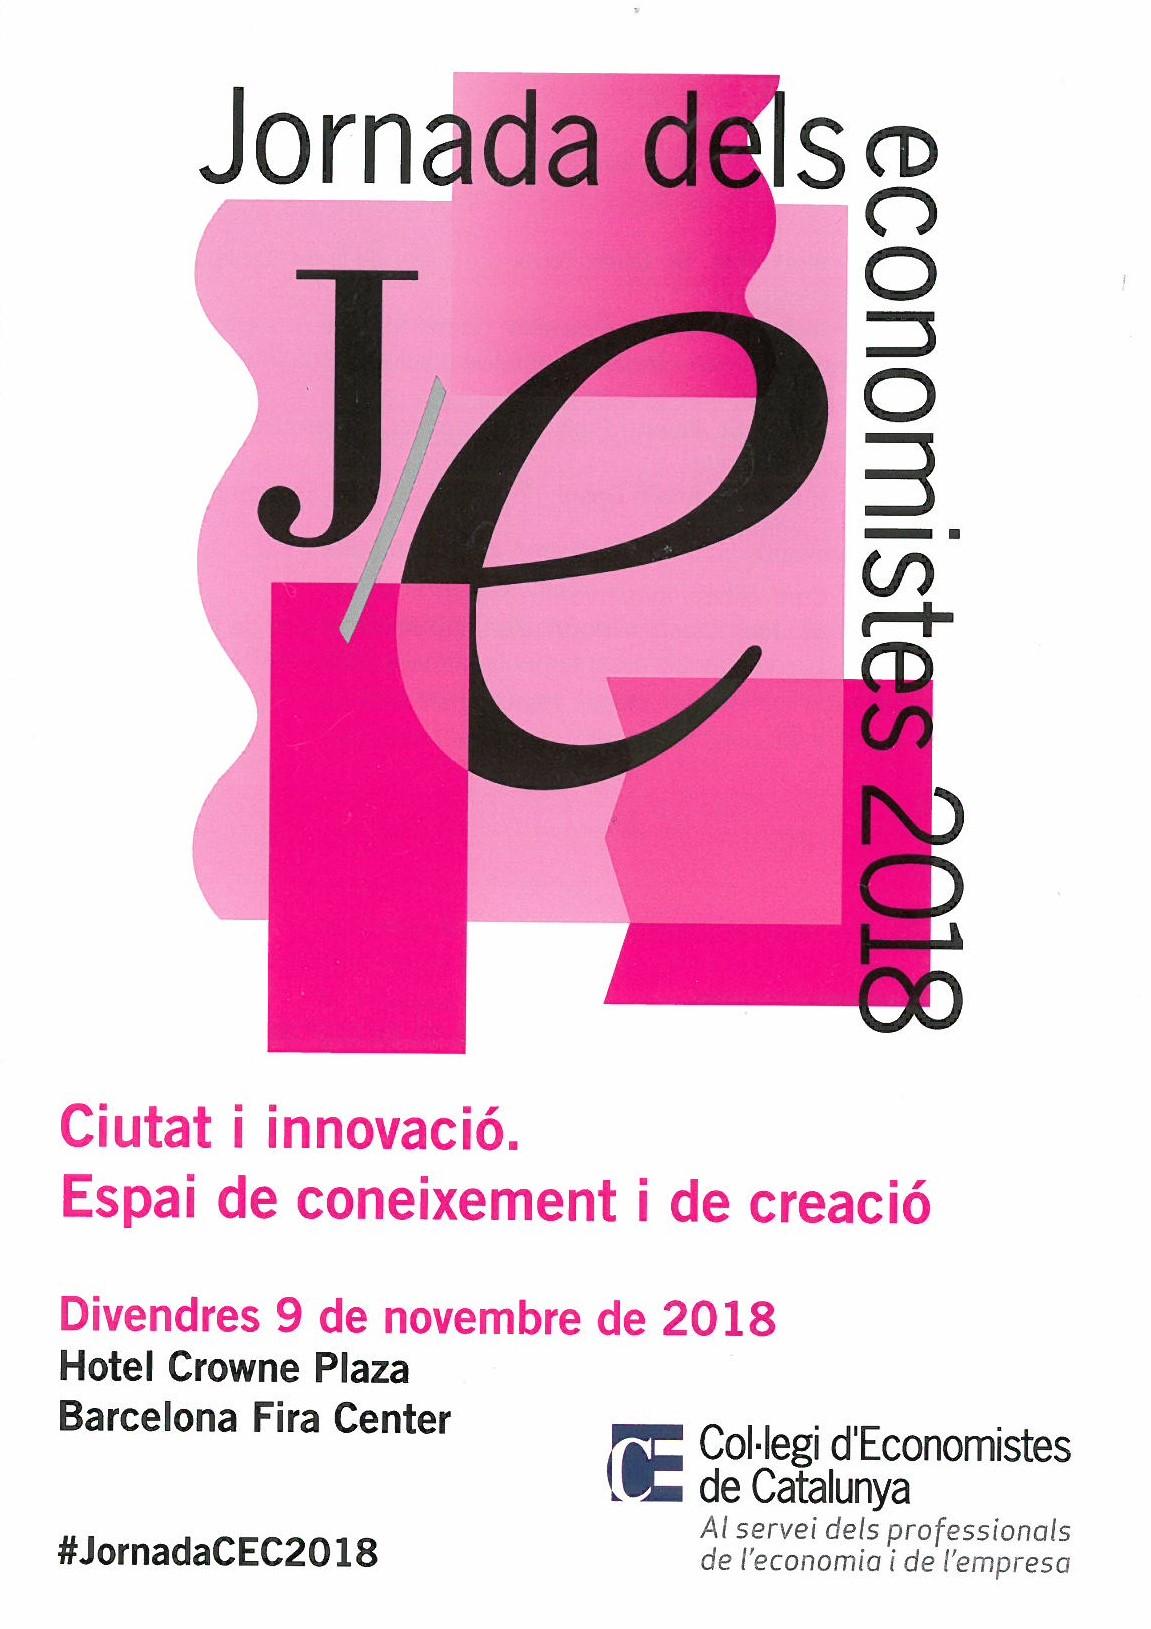 Ciutat i innovació Jornada dels economistes 2018